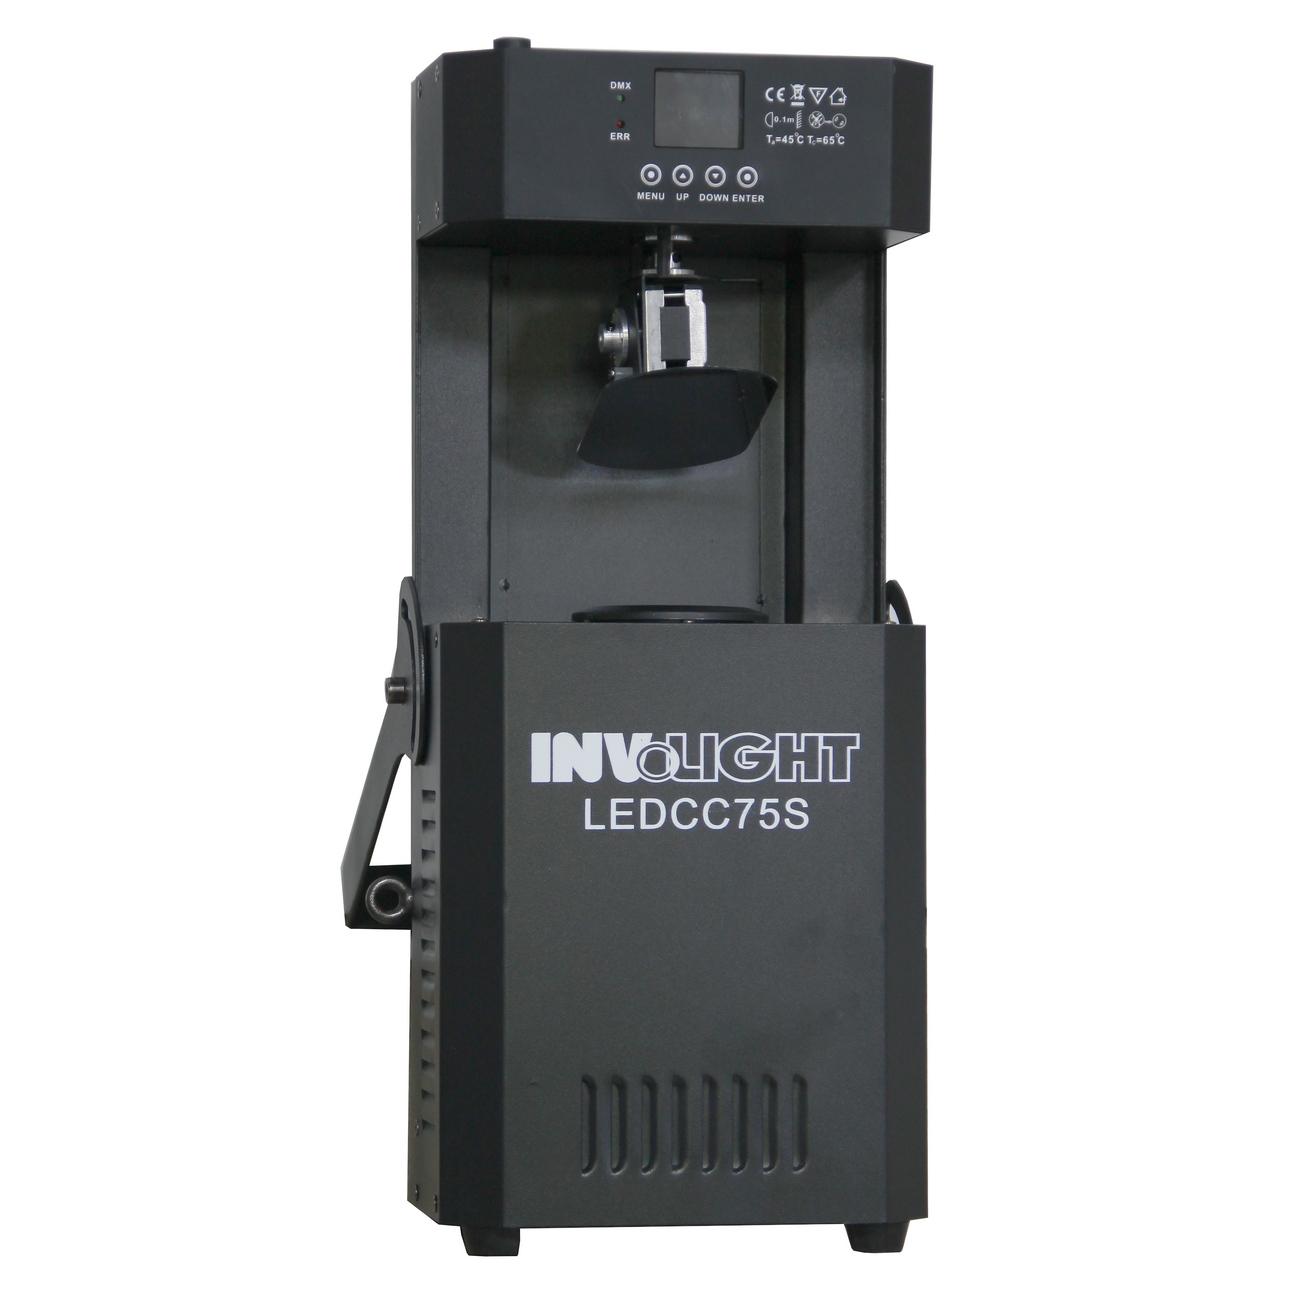 Интеллектуальное световое оборудование Involight, арт: 160666 - Интеллектуальное световое оборудование